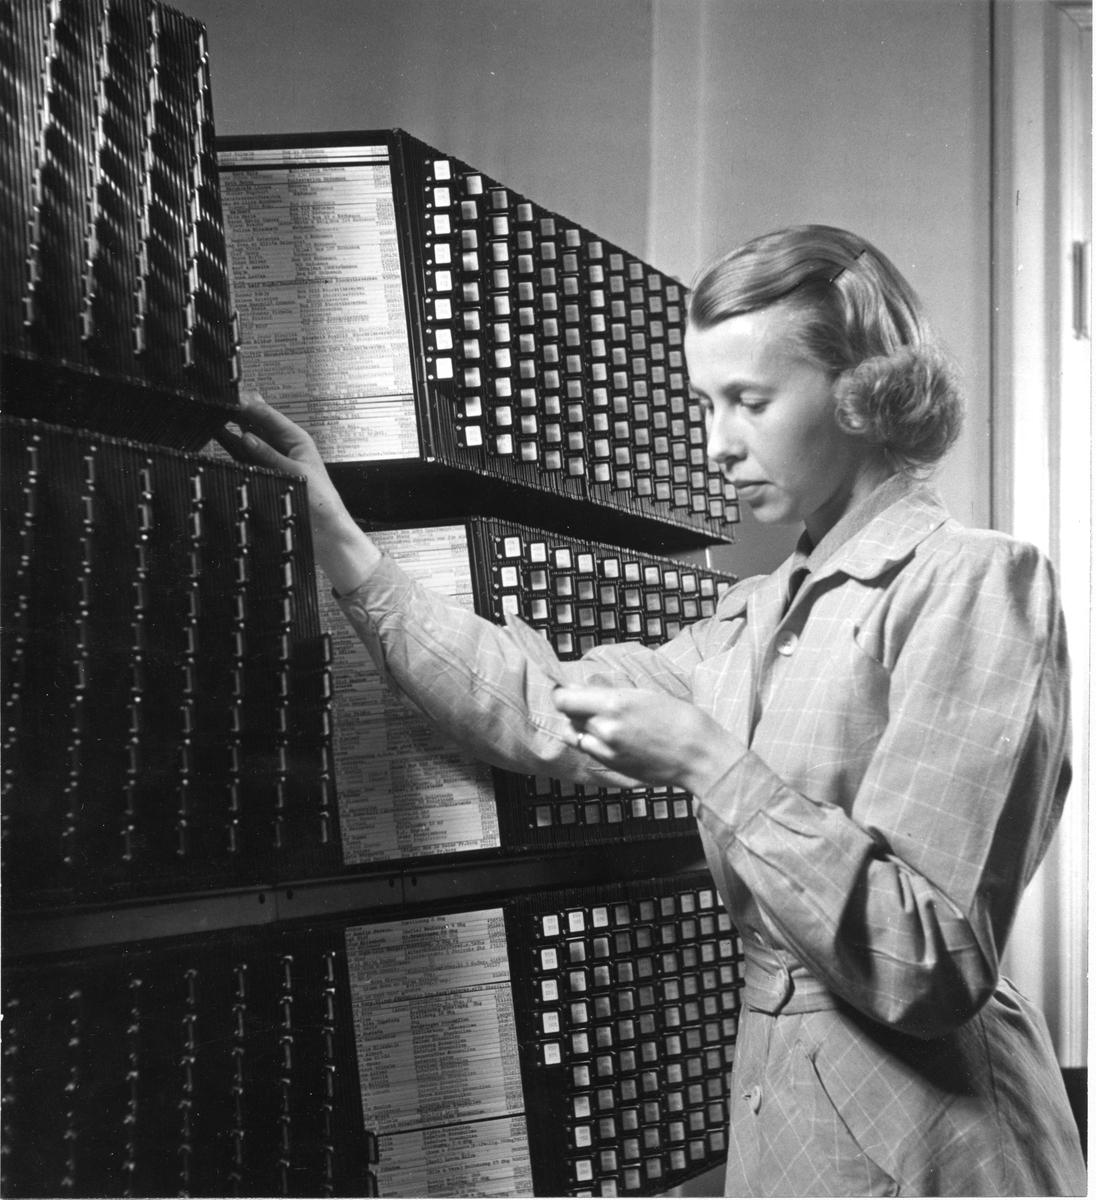 Hålkortsbokföringen fordrar ett särskilt nummerregister.